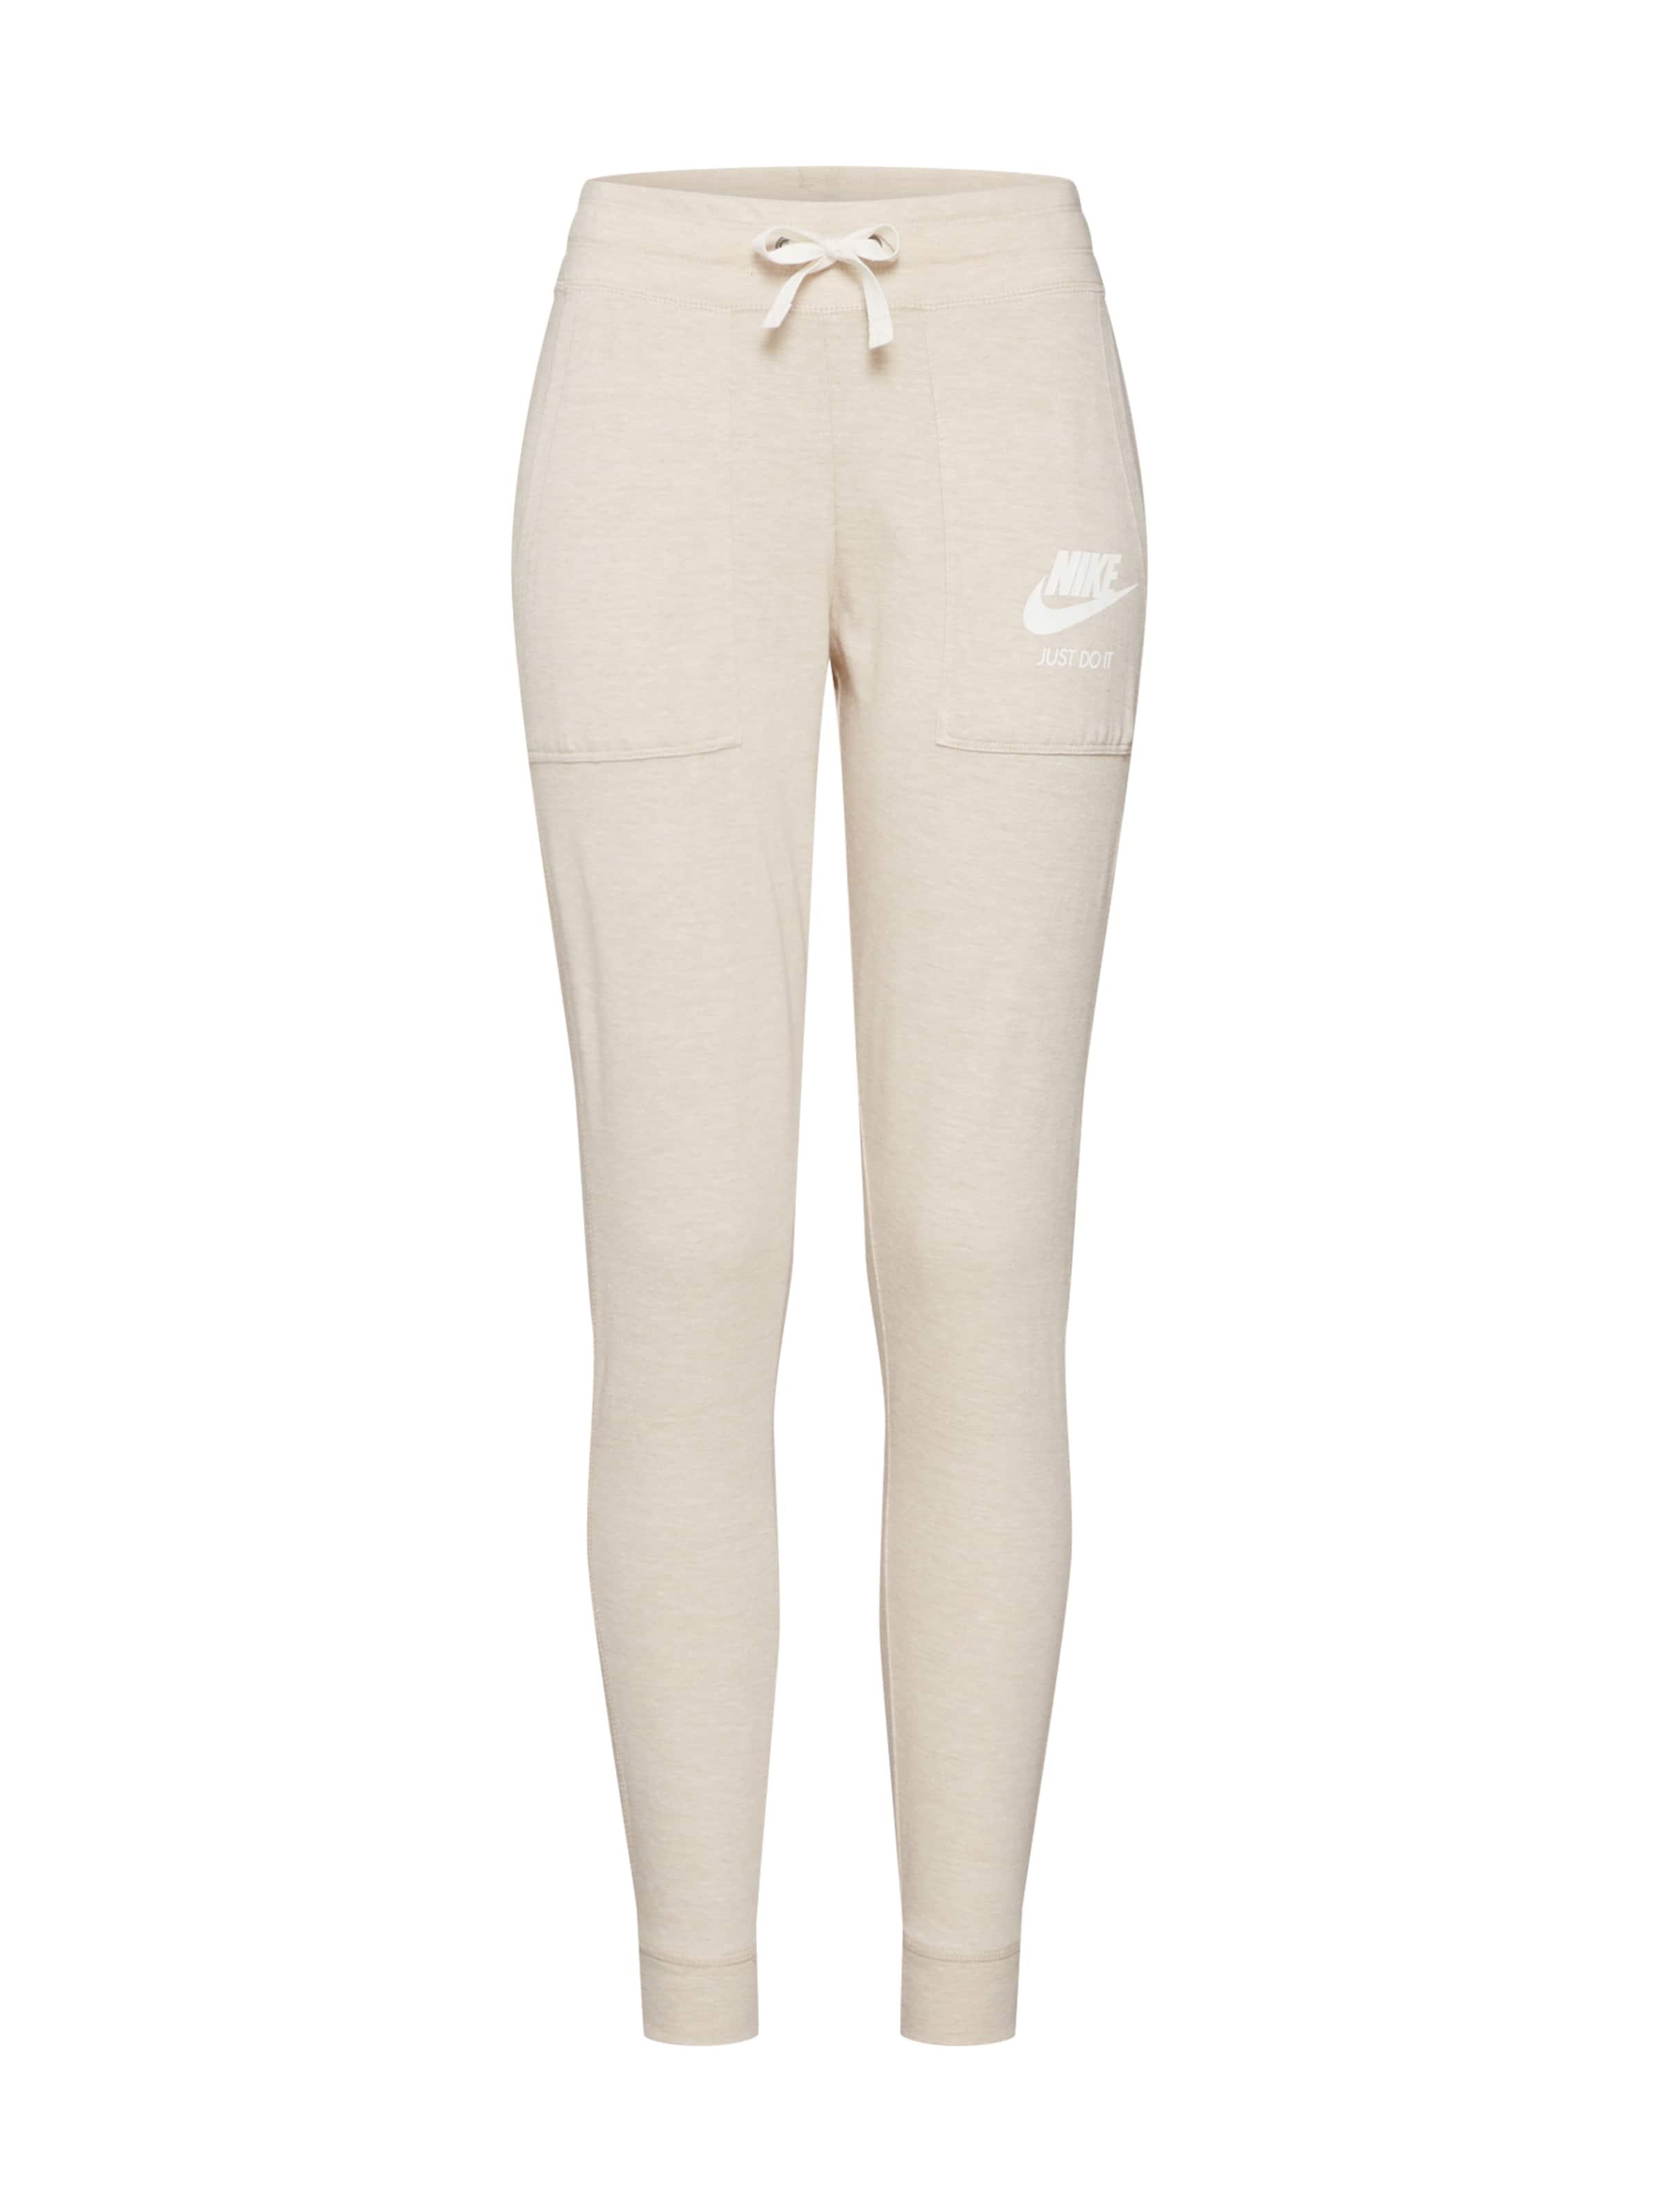 Sportswear Pantalon 'vintage En Pants' Nike Anthracite 08mwNnv